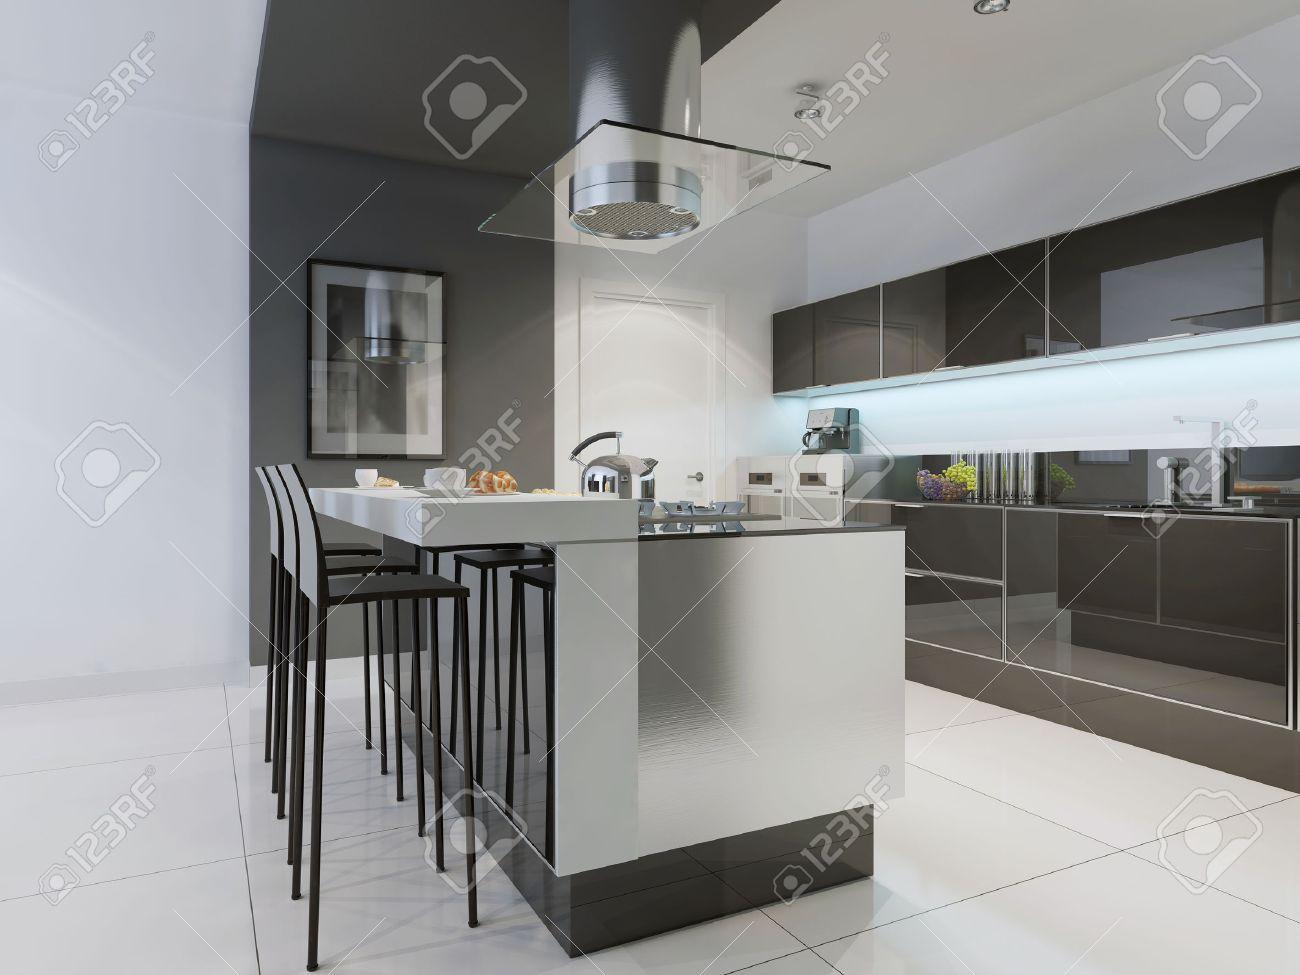 Ultra Conception De Cuisine Moderne Avec îlot. Appartement Armoires De VF-04